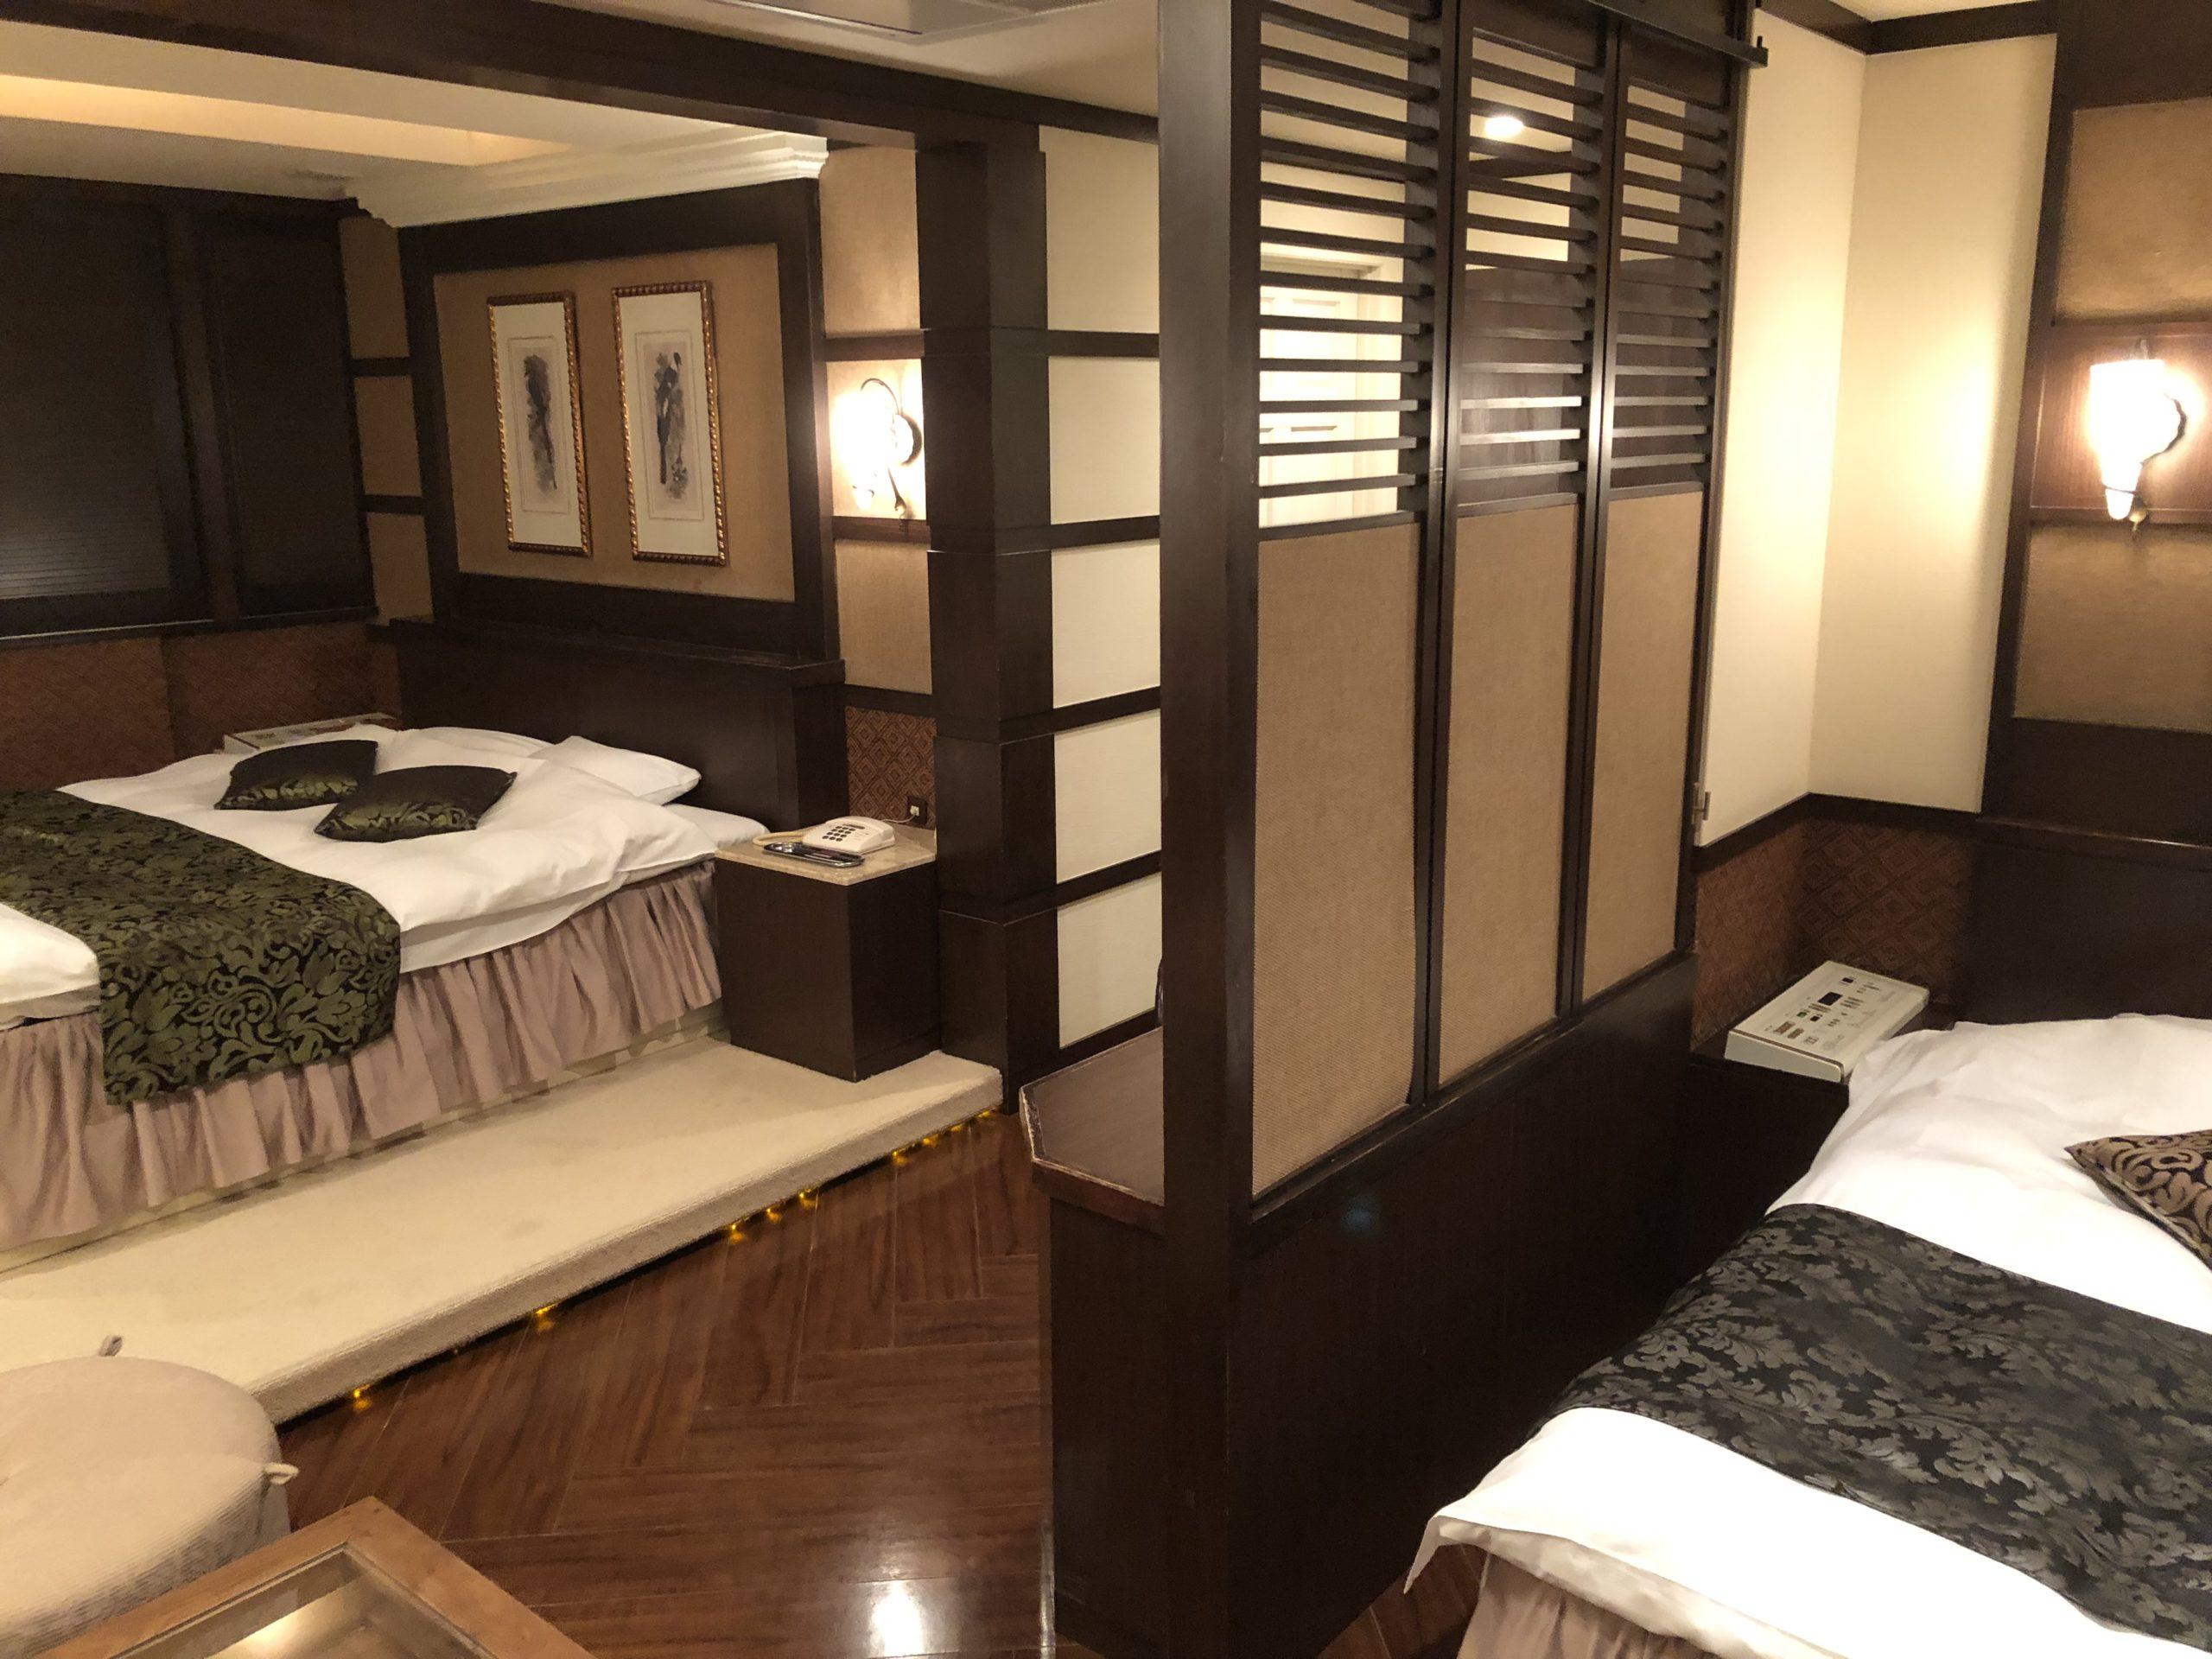 ダブルベッドの高級感溢れる寝室